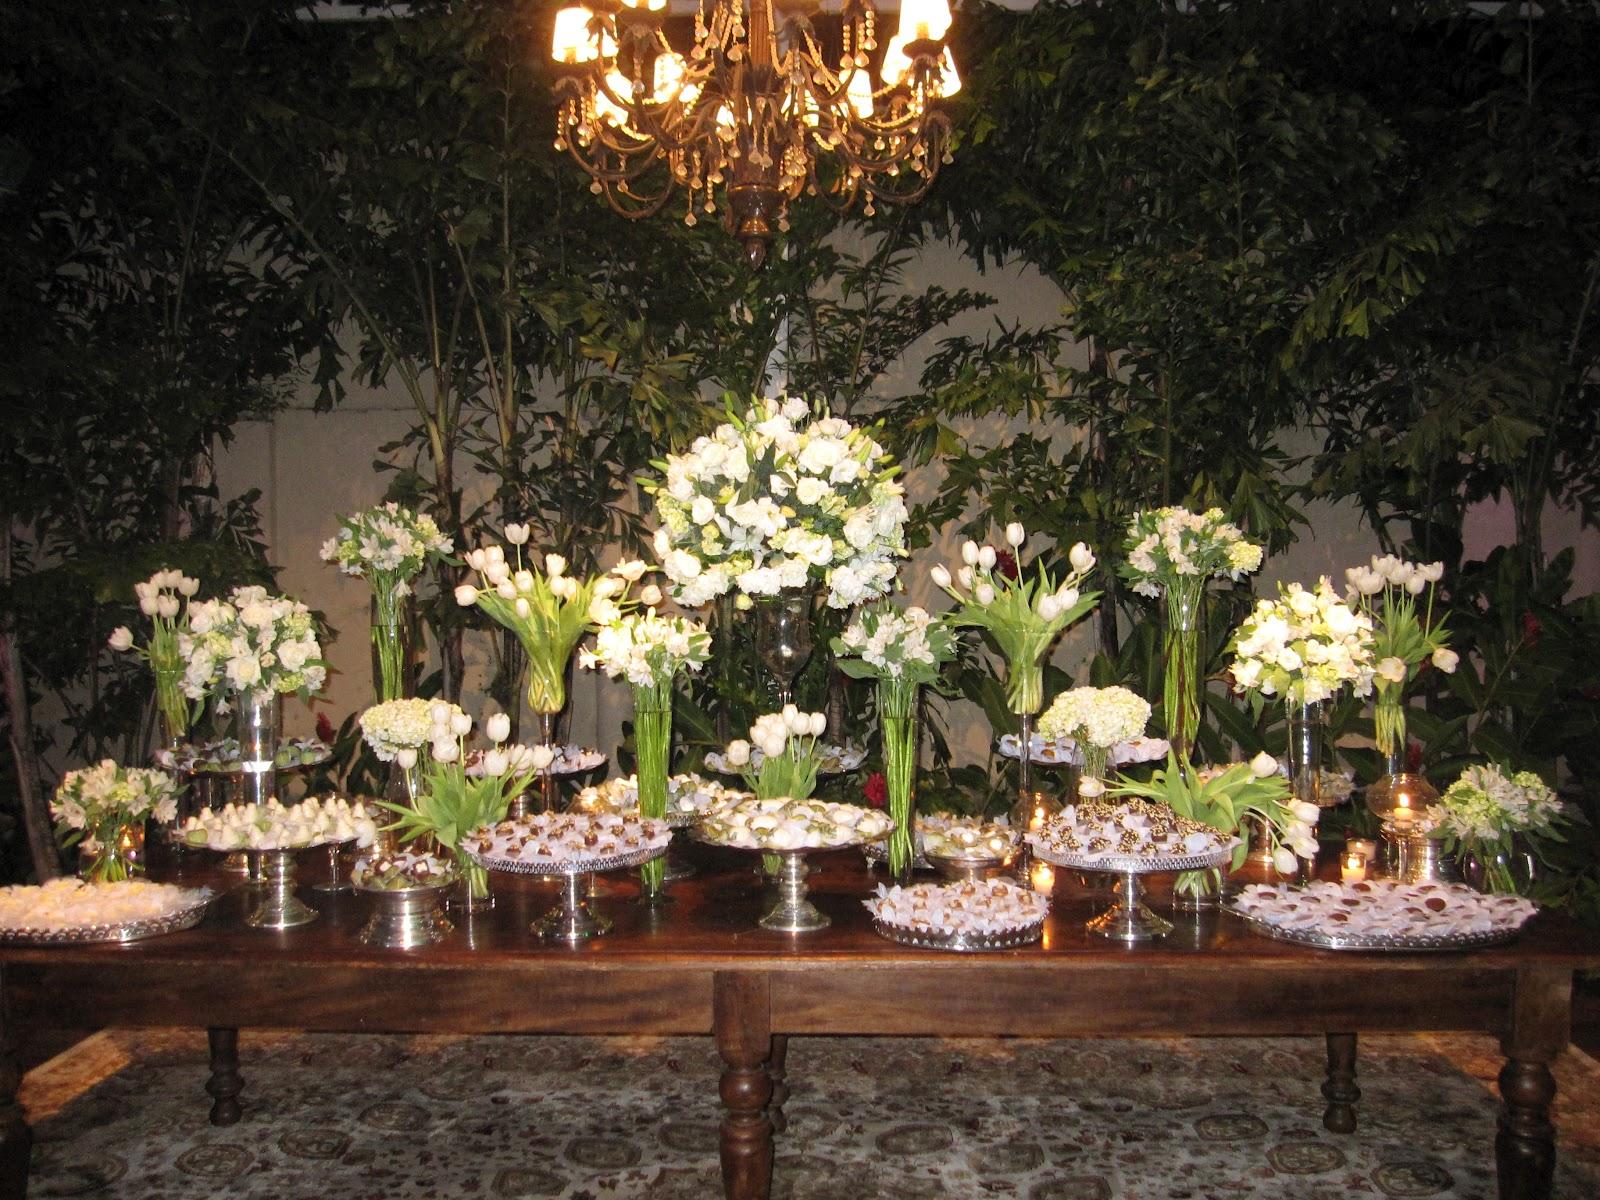 decoracao branca e verde para casamento : decoracao branca e verde para casamento:Decoração branca e verde, com muitas tulipas, minha flor favorita